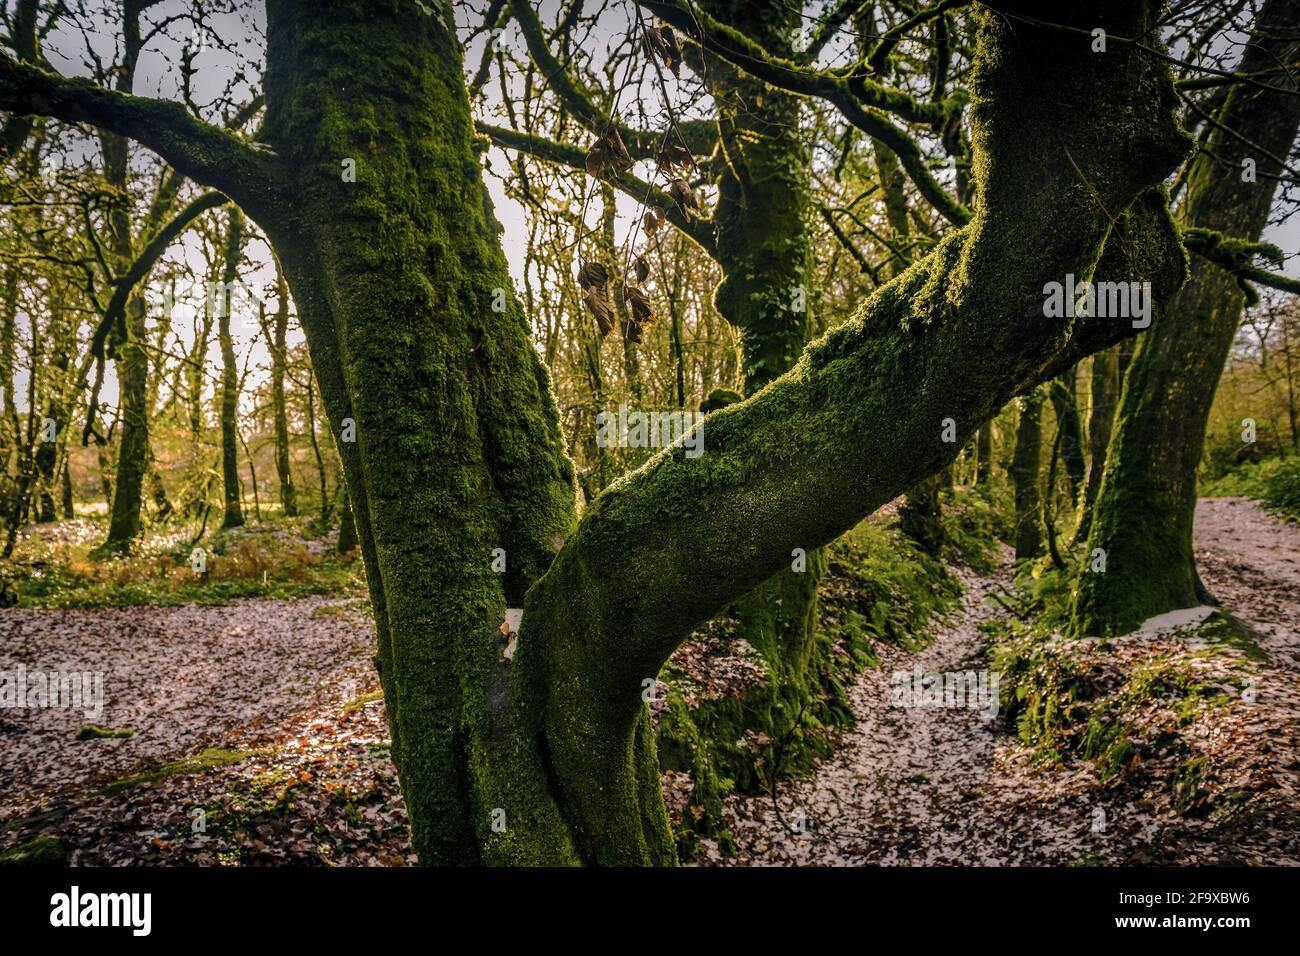 Mousse poussant sur un arbre de Hêtre - Fagus sylvatica - dans l'ancienne forêt bois de Draynes en Cornouailles. Banque D'Images